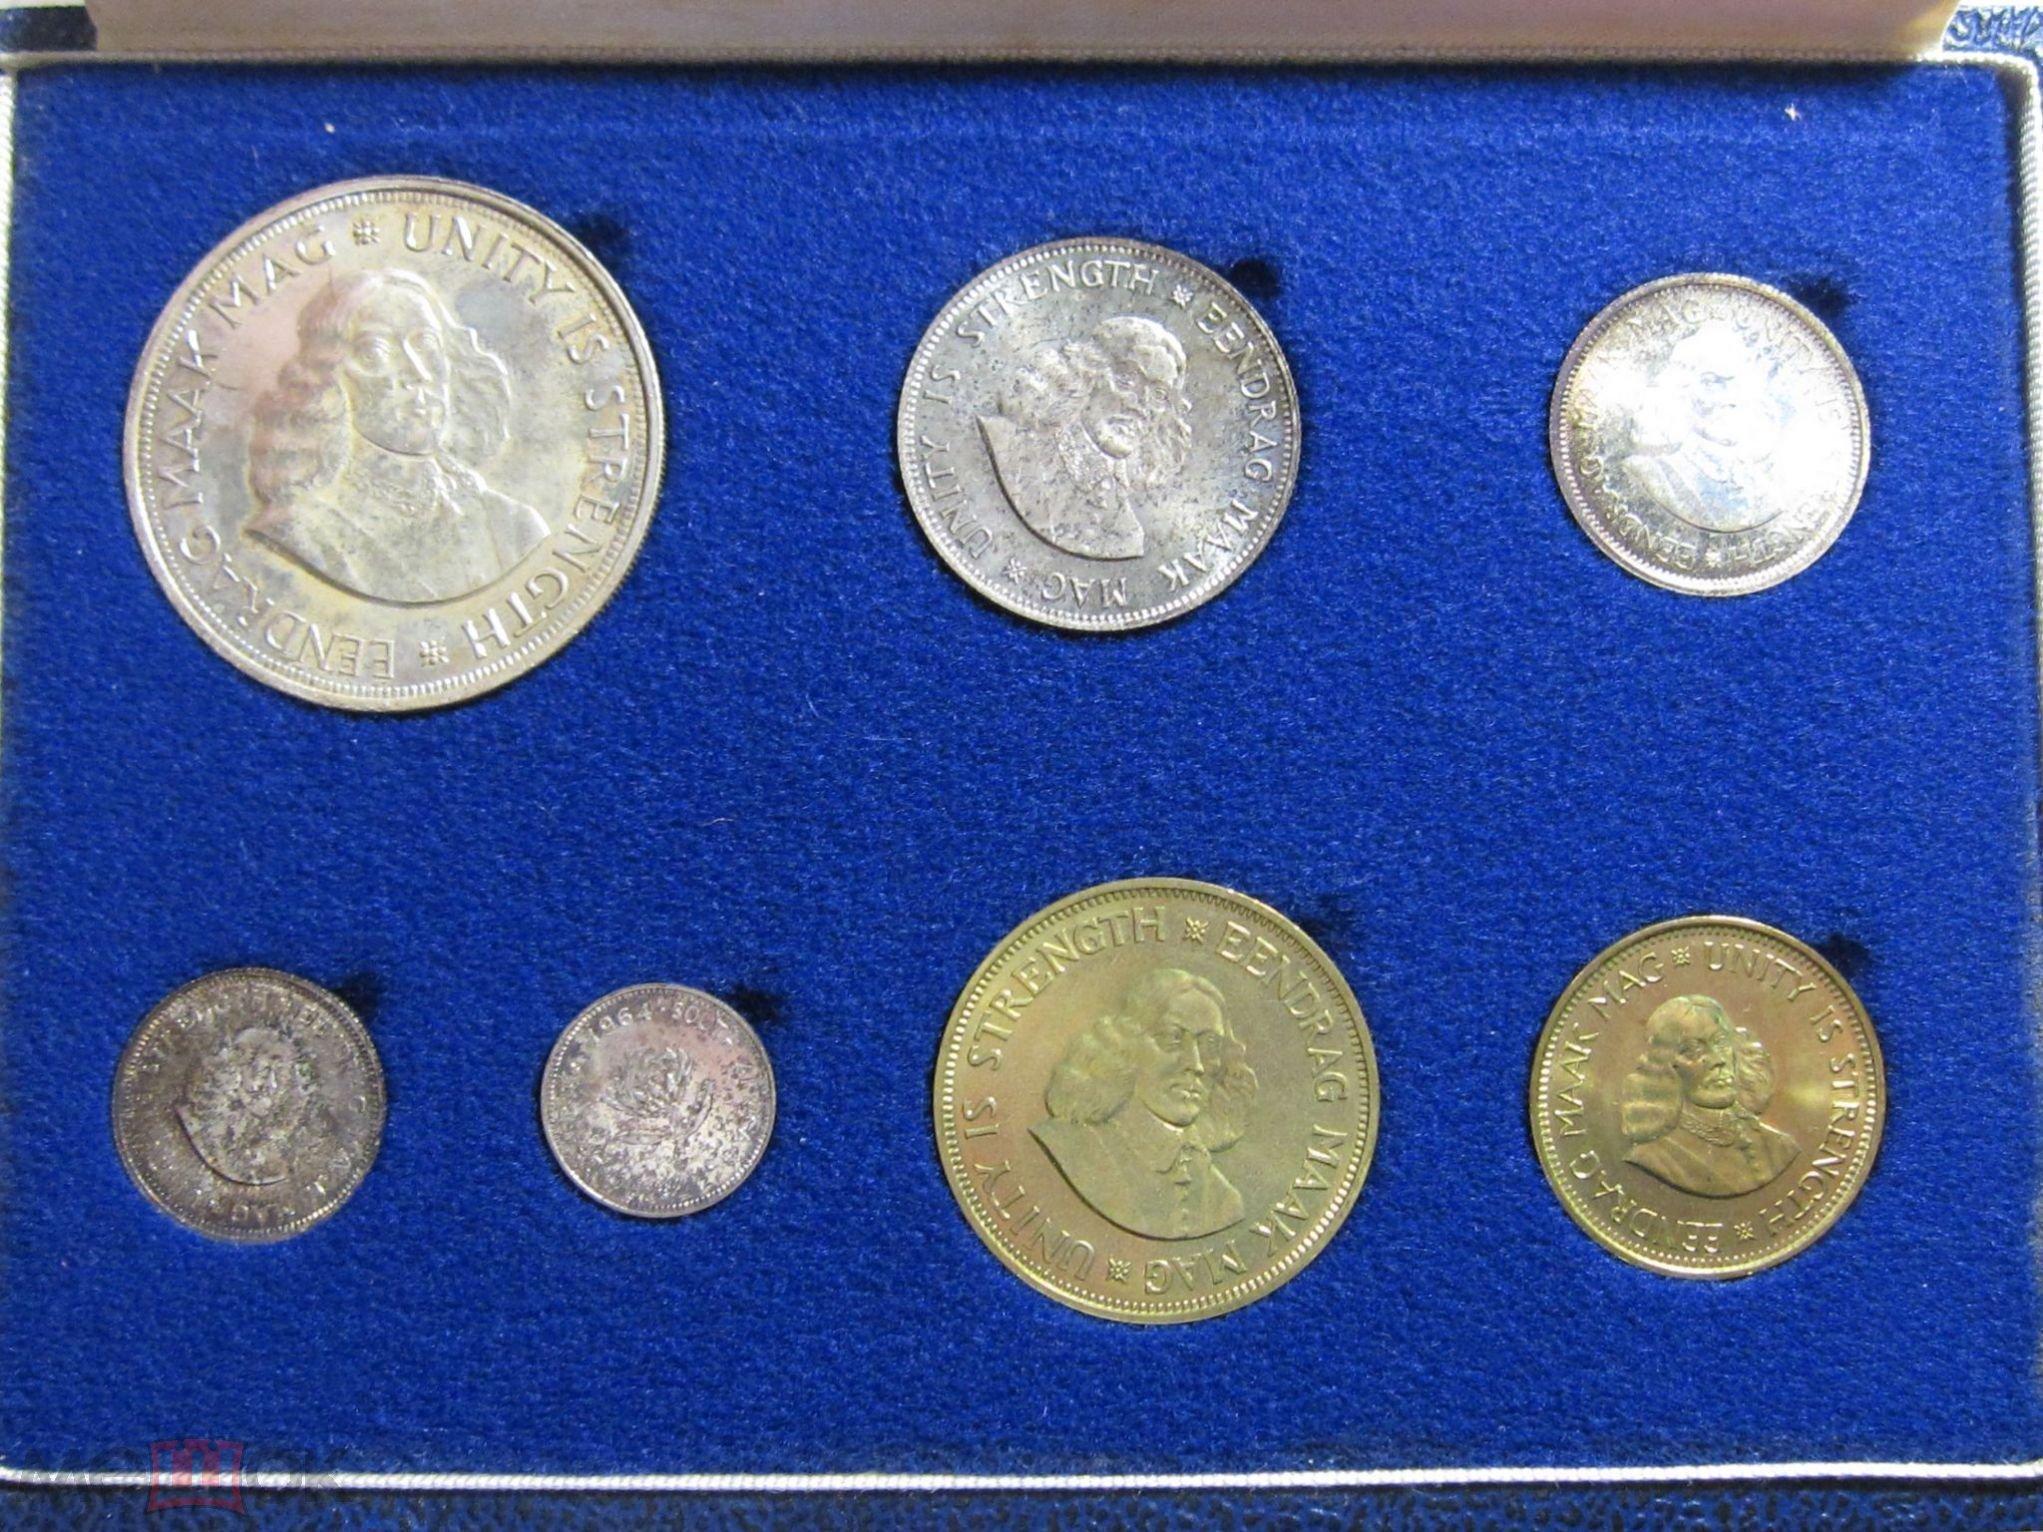 ЮАР набор 7 монет 1964 50,20,10,5,2 1/2 цента СЕРЕБРО 1,1/2 цента в футляре UNC!